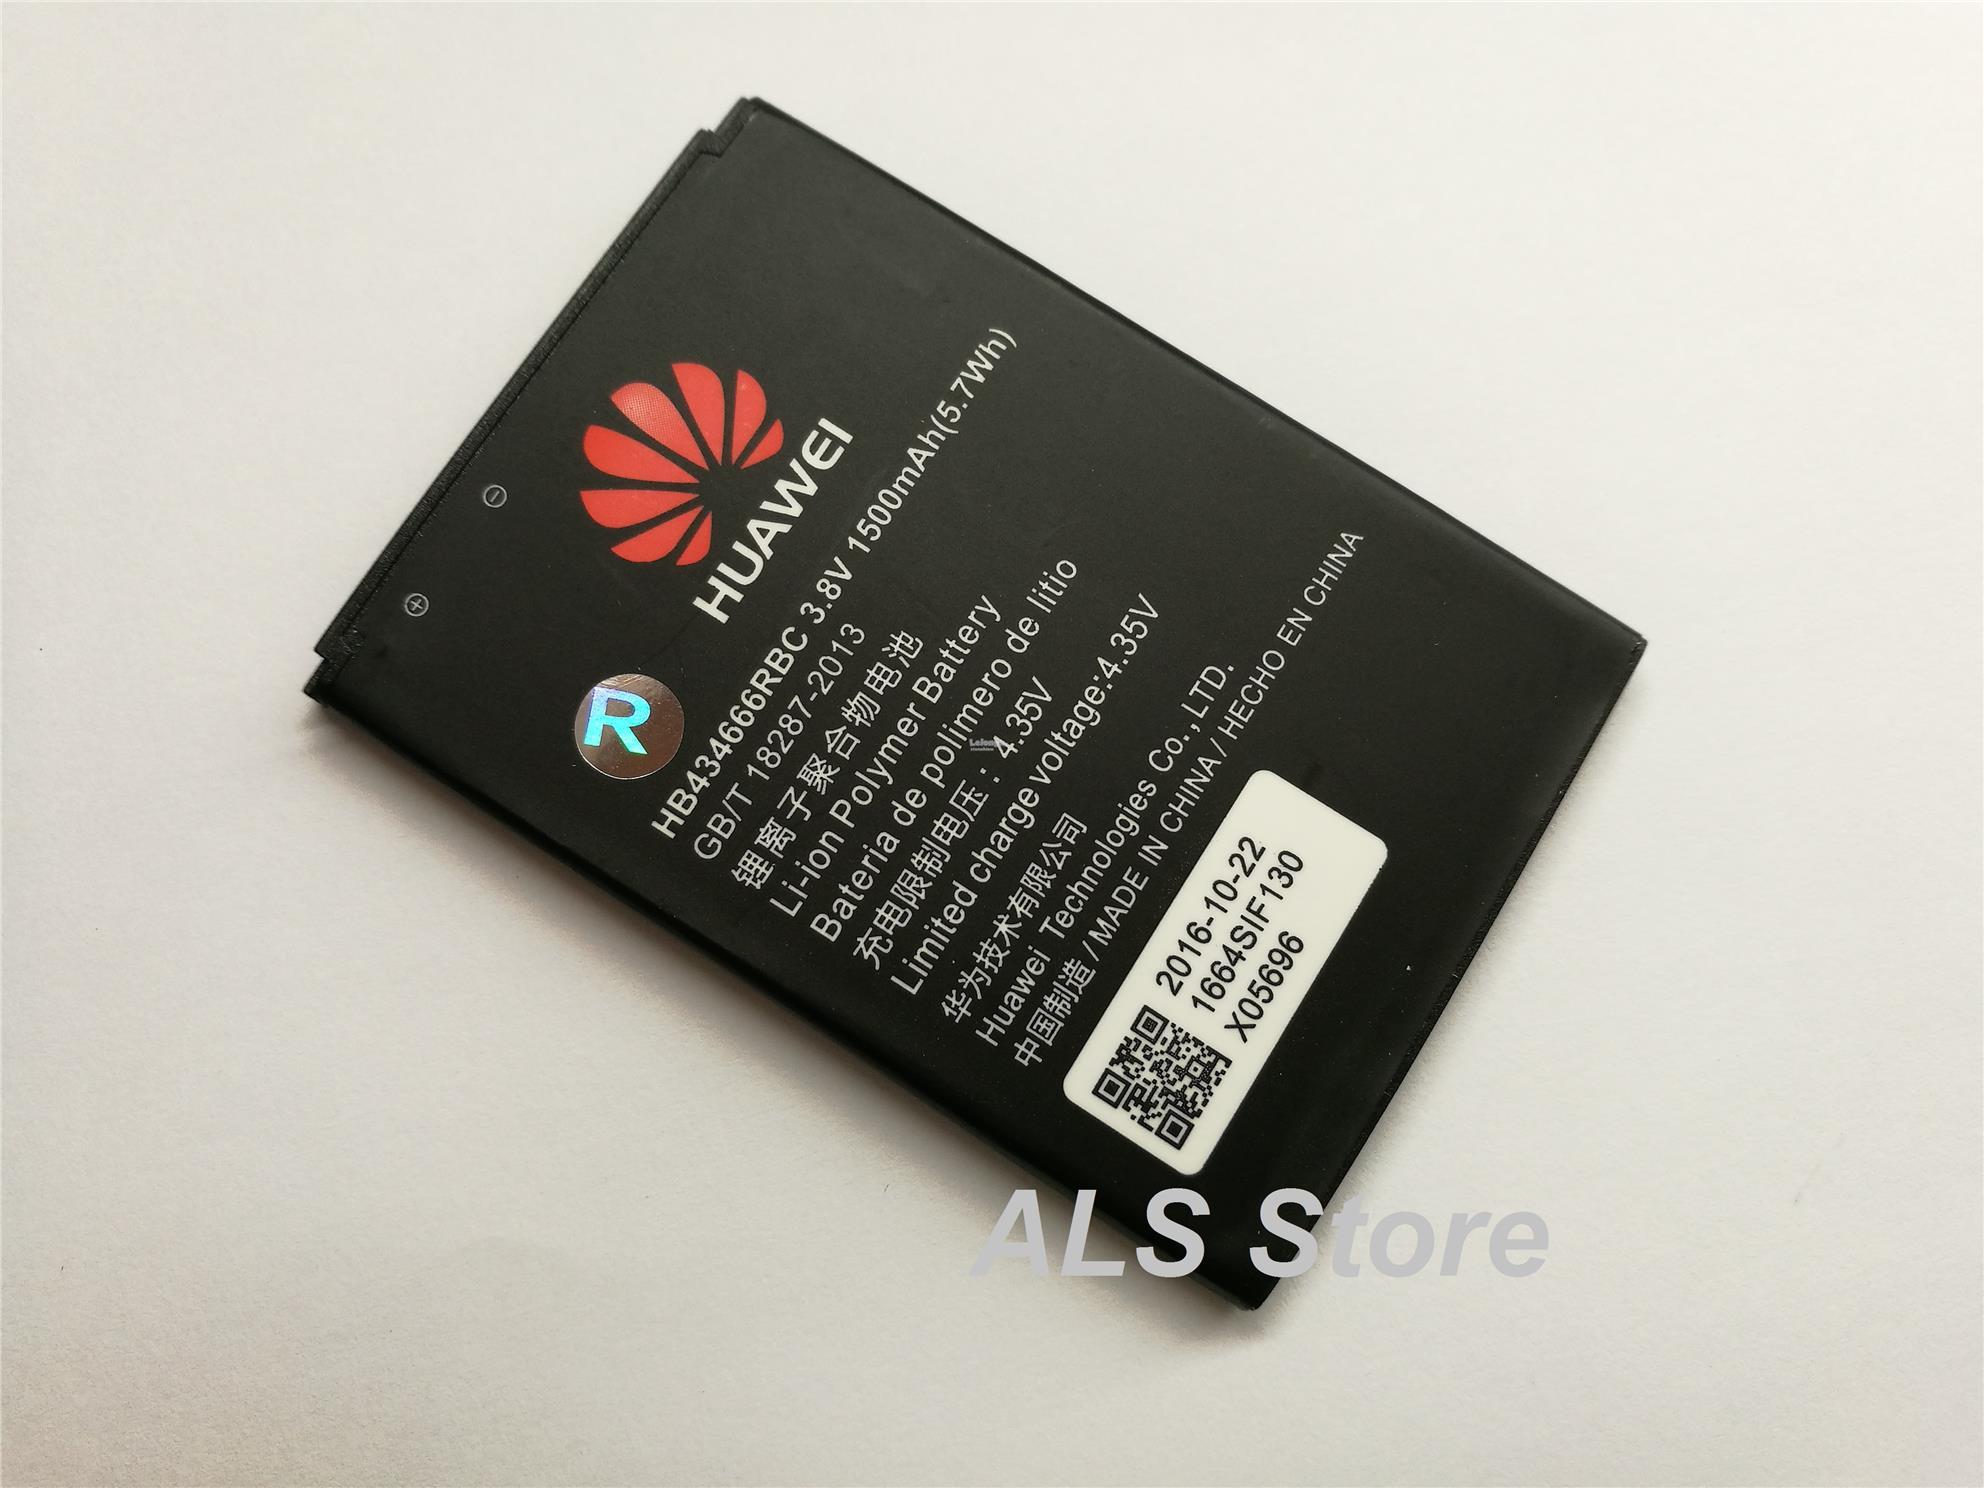 Battery Huawei Mifi E5s E5573 E5573s End 5 2 2018 12 15 Pm